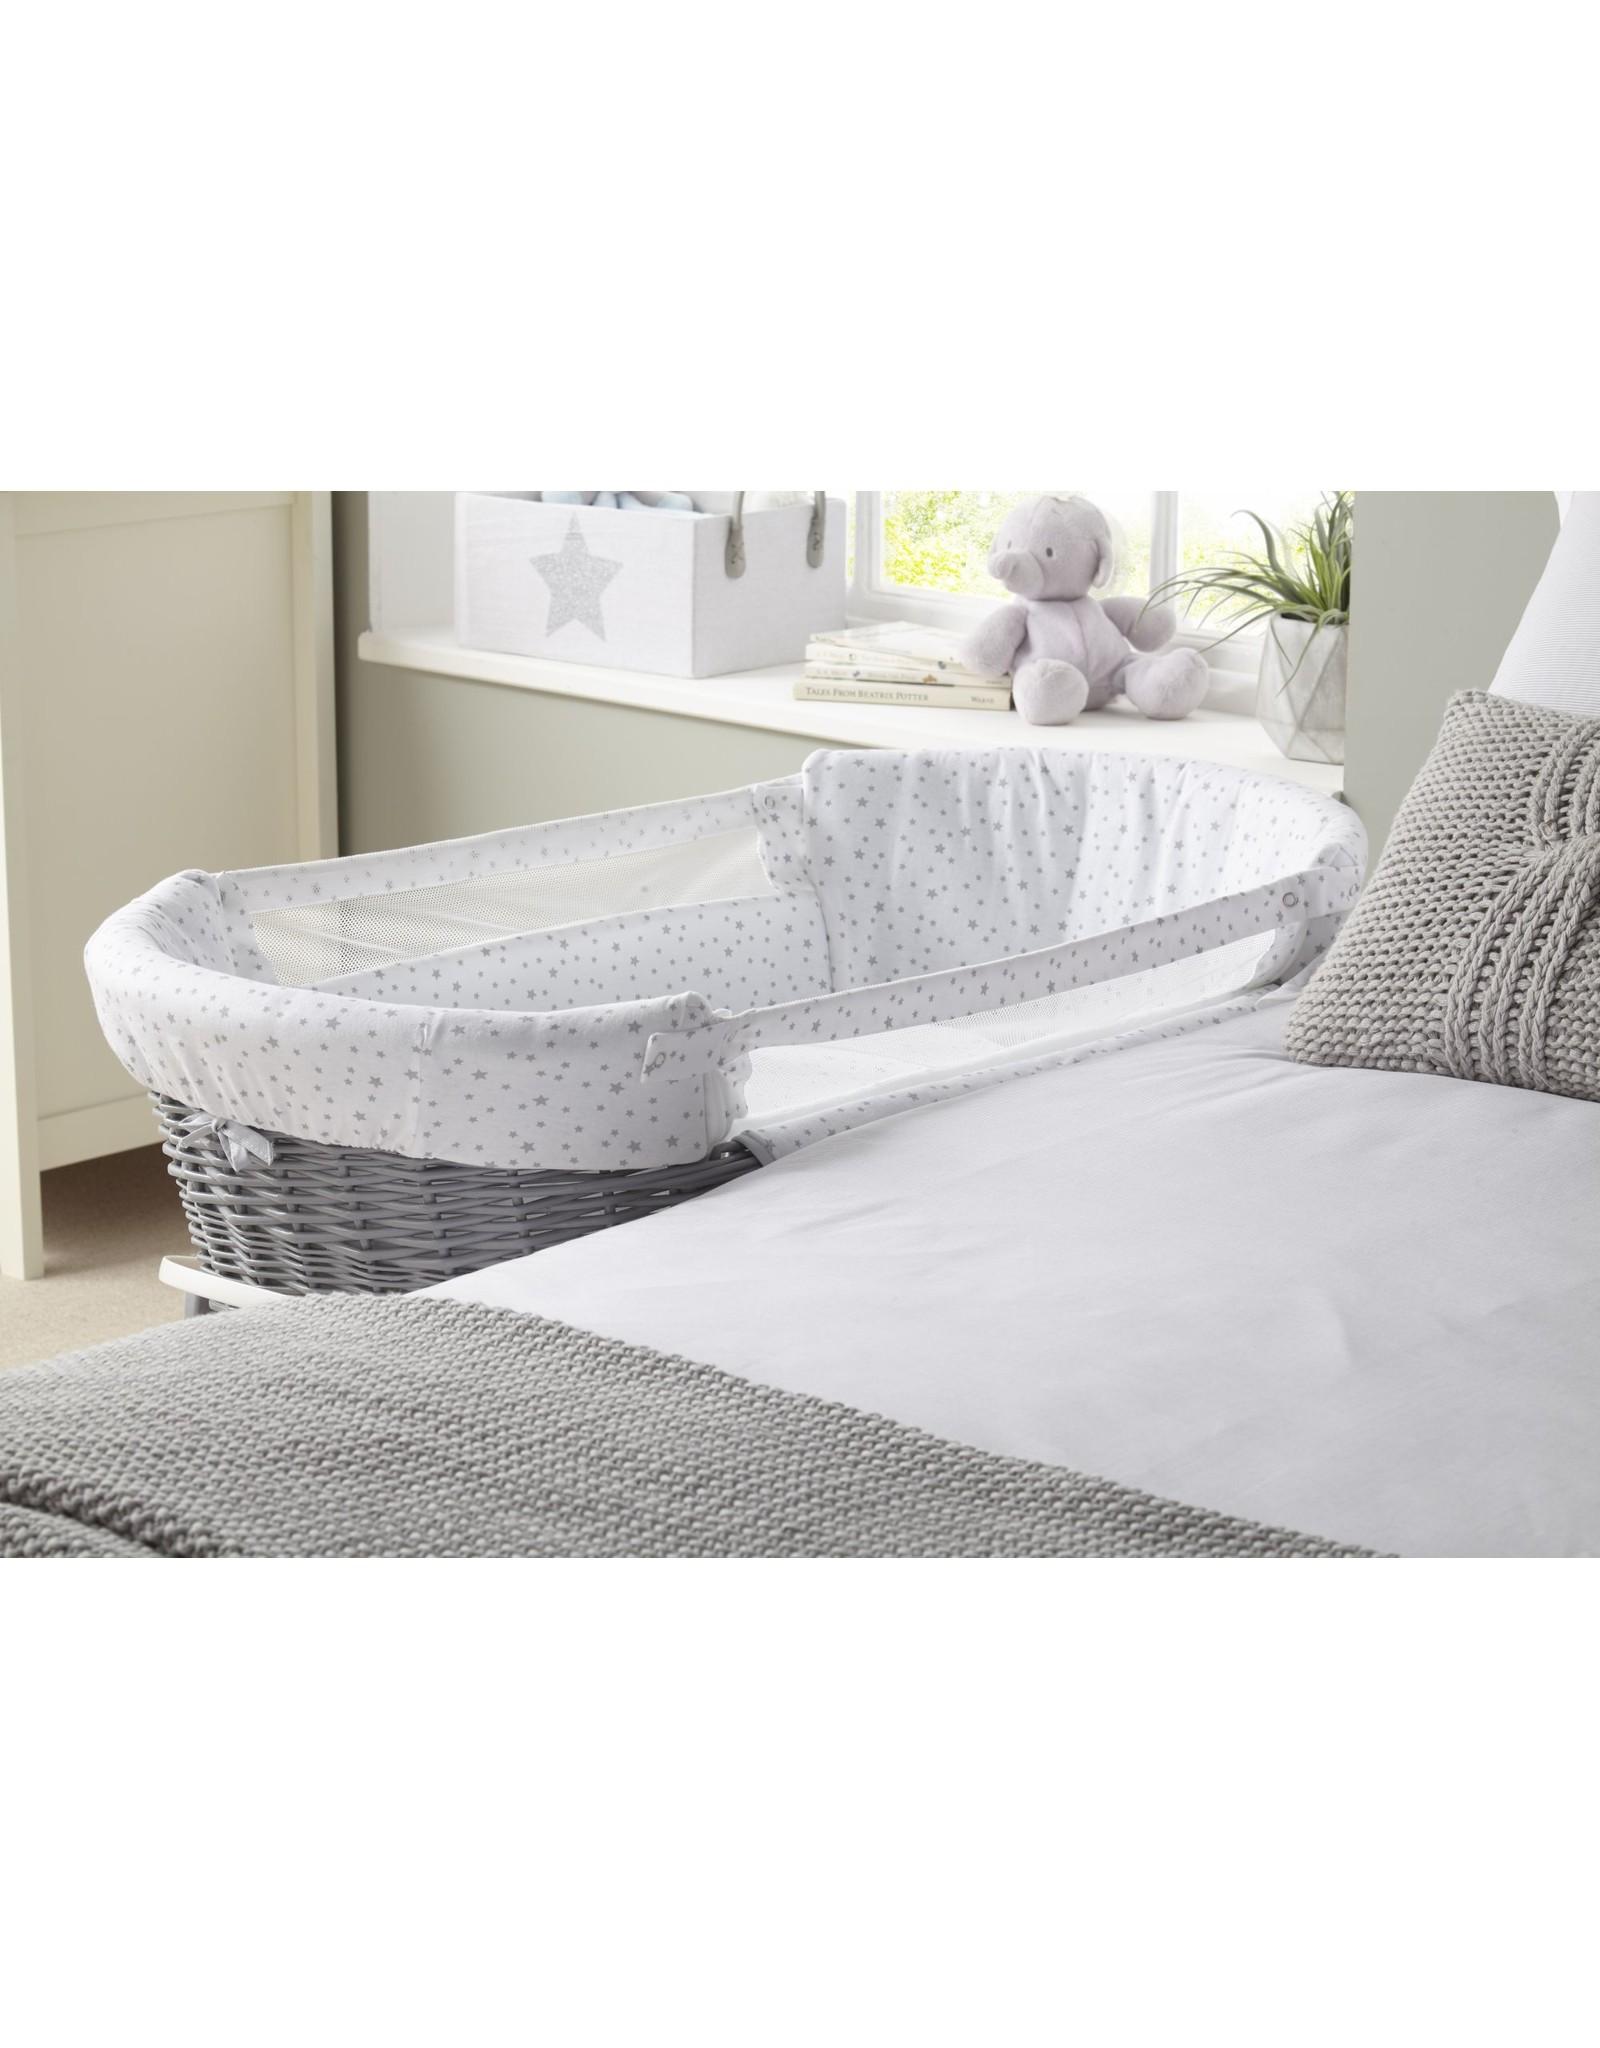 Clair de lune Clair de Lune Bedside Crib